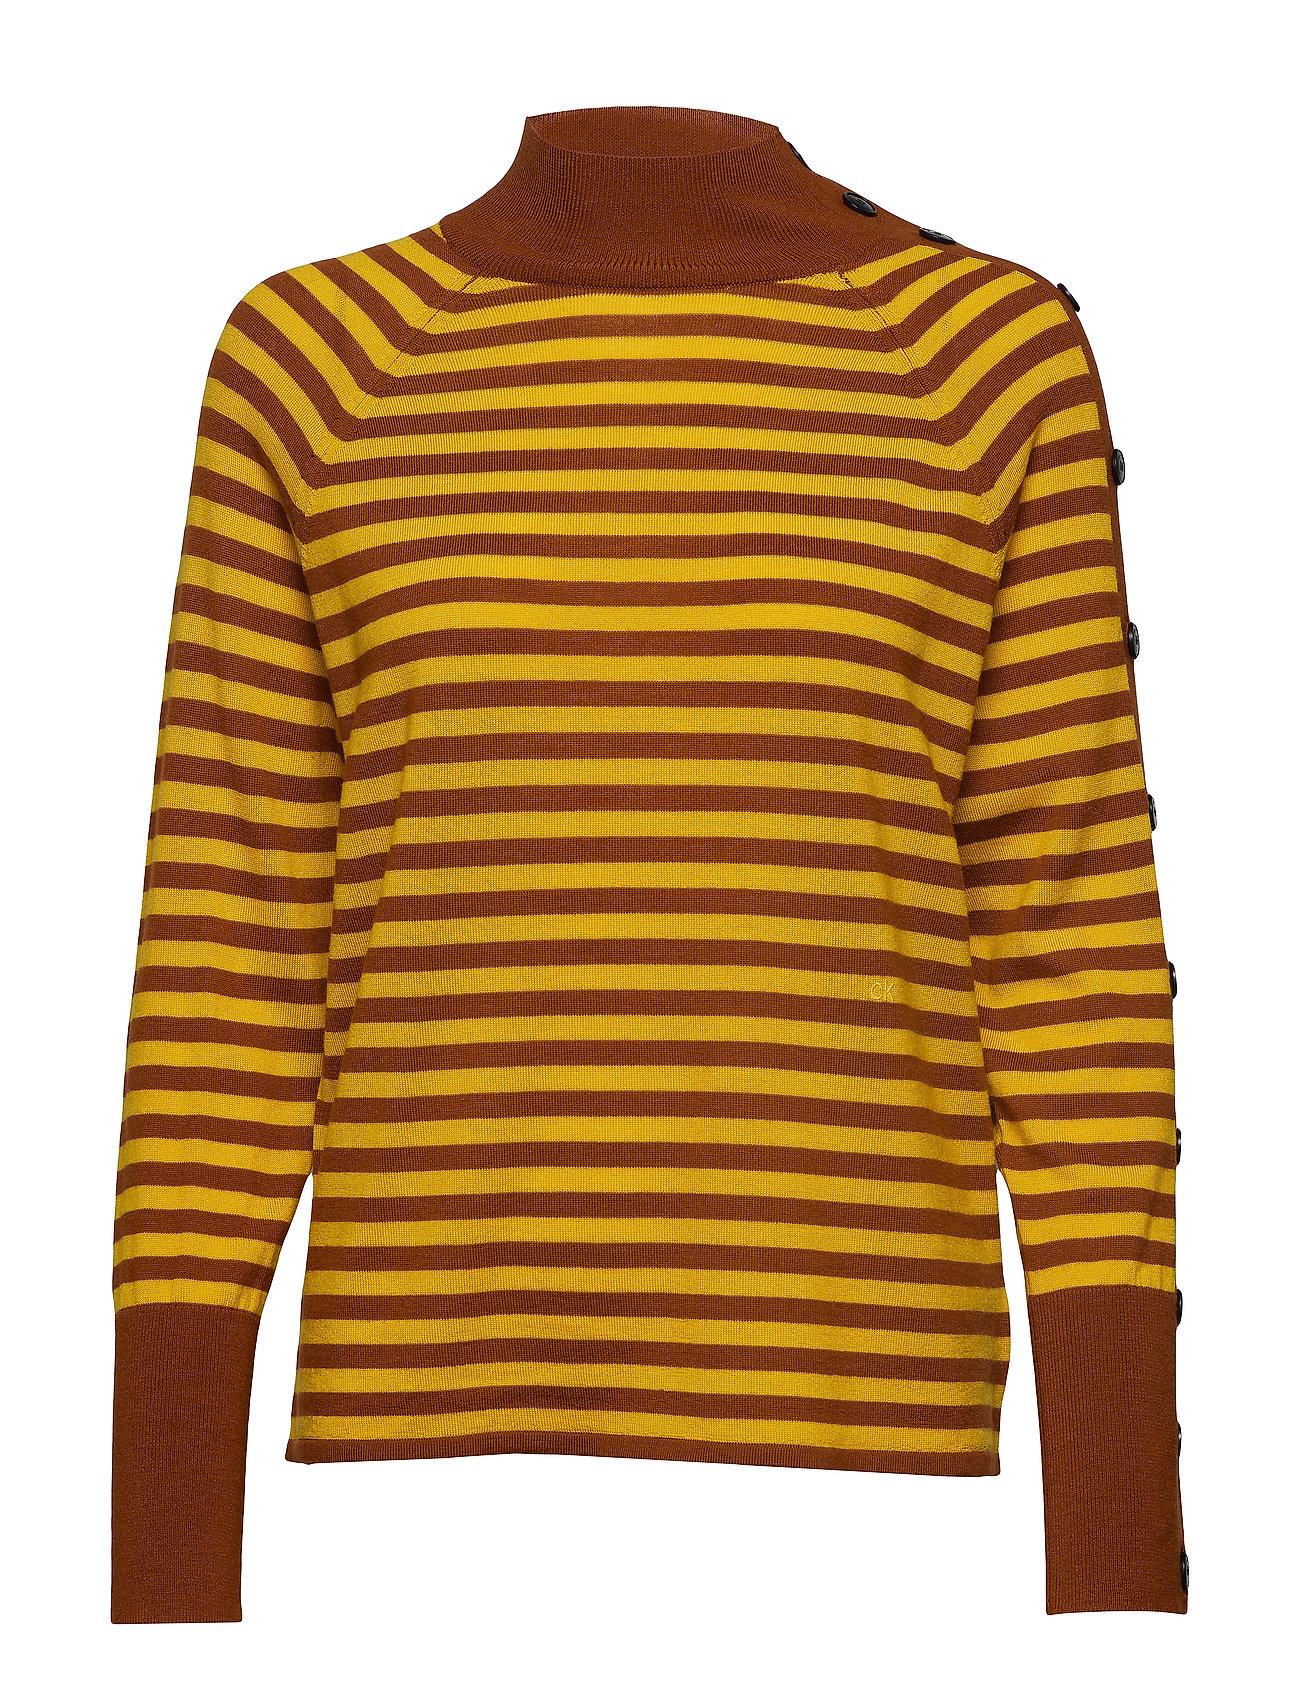 CALVIN KLEIN Extrafine Wool Stp S Rollkragenpullover Poloshirt Gelb CALVIN KLEIN